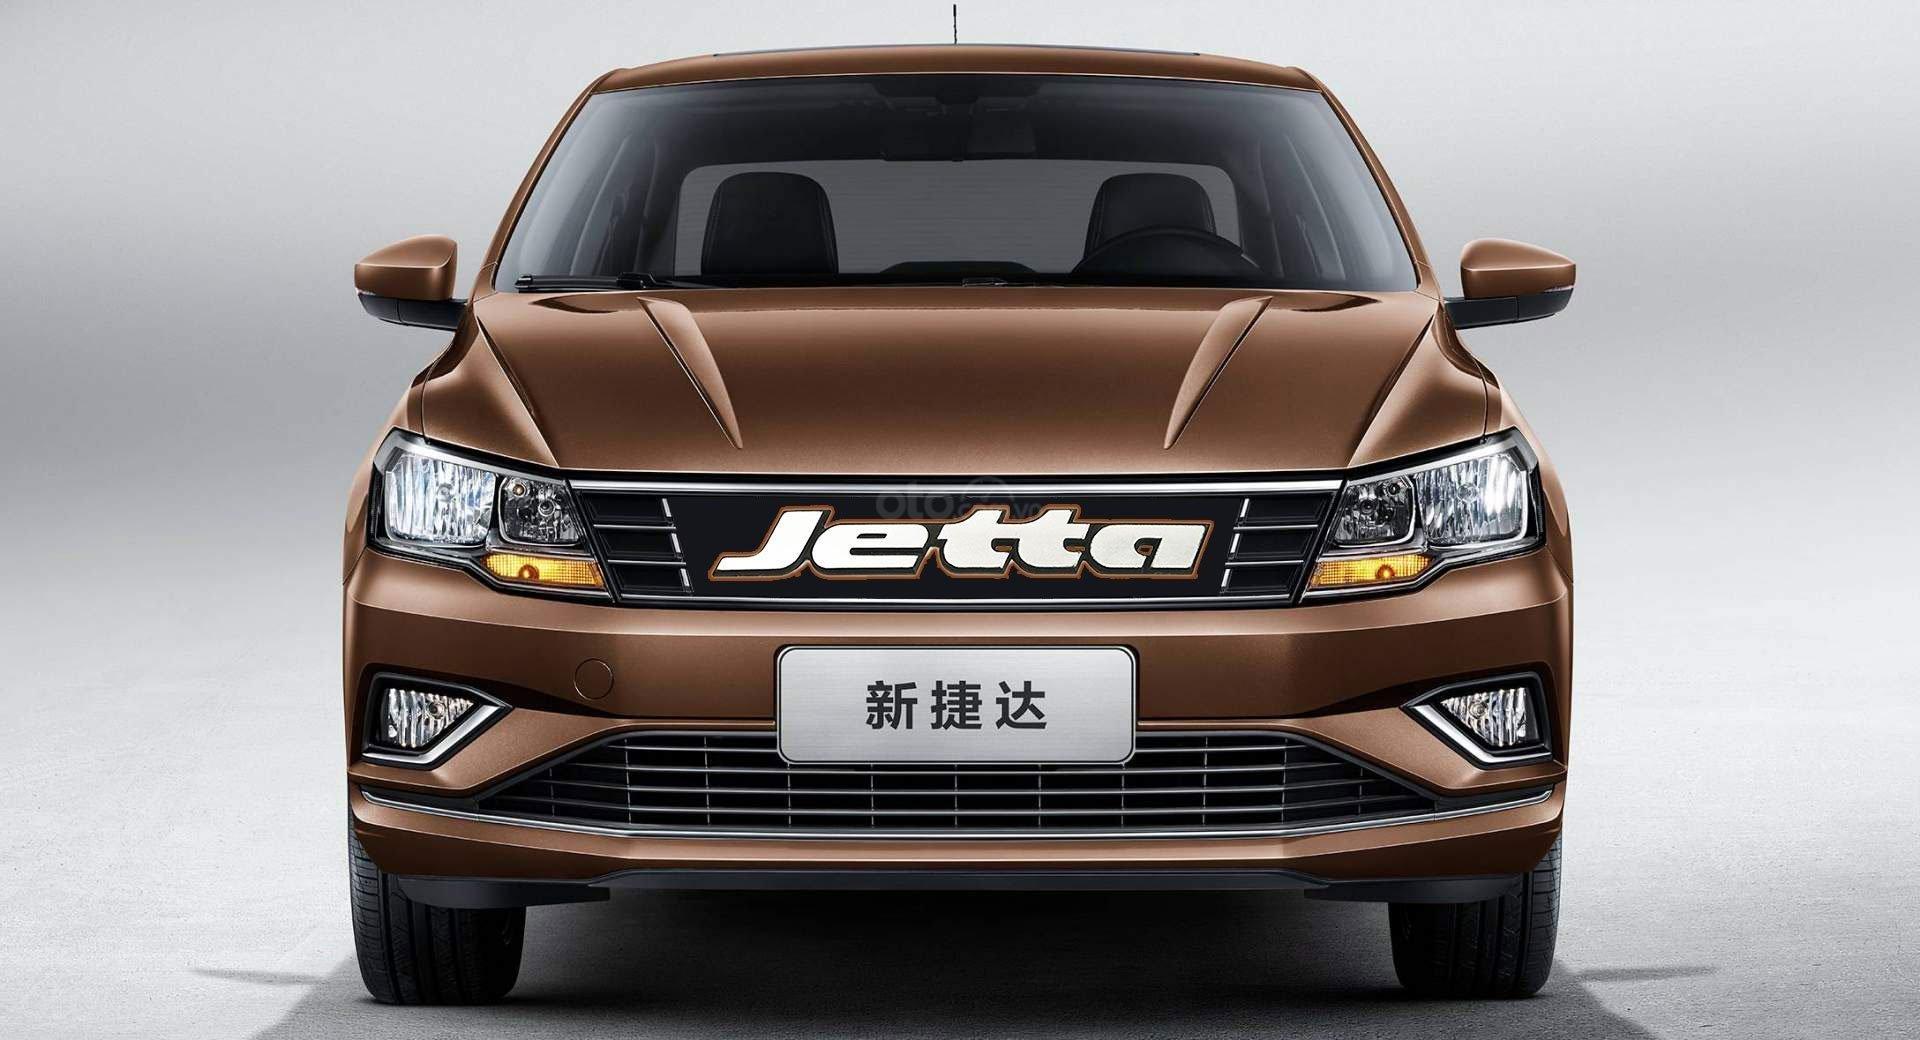 Chính diện Volkswagen Jetta bản Trung Quốc